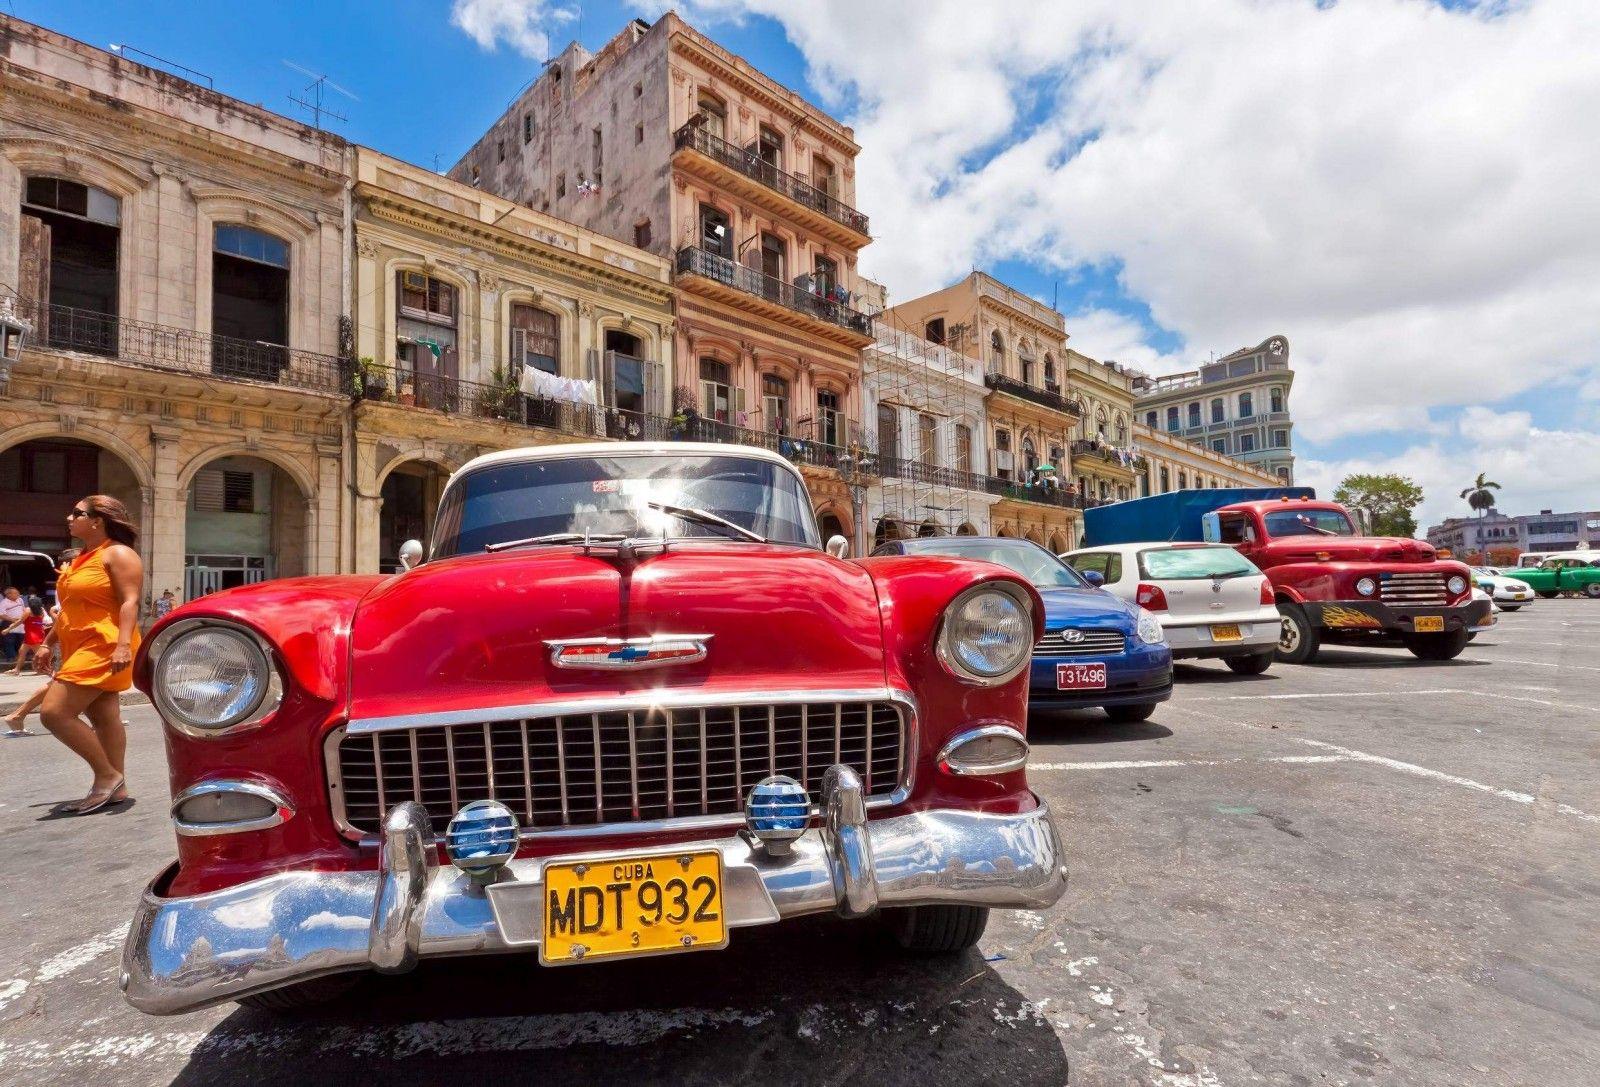 In zo'n auto wil ik wel rijden - Cuba